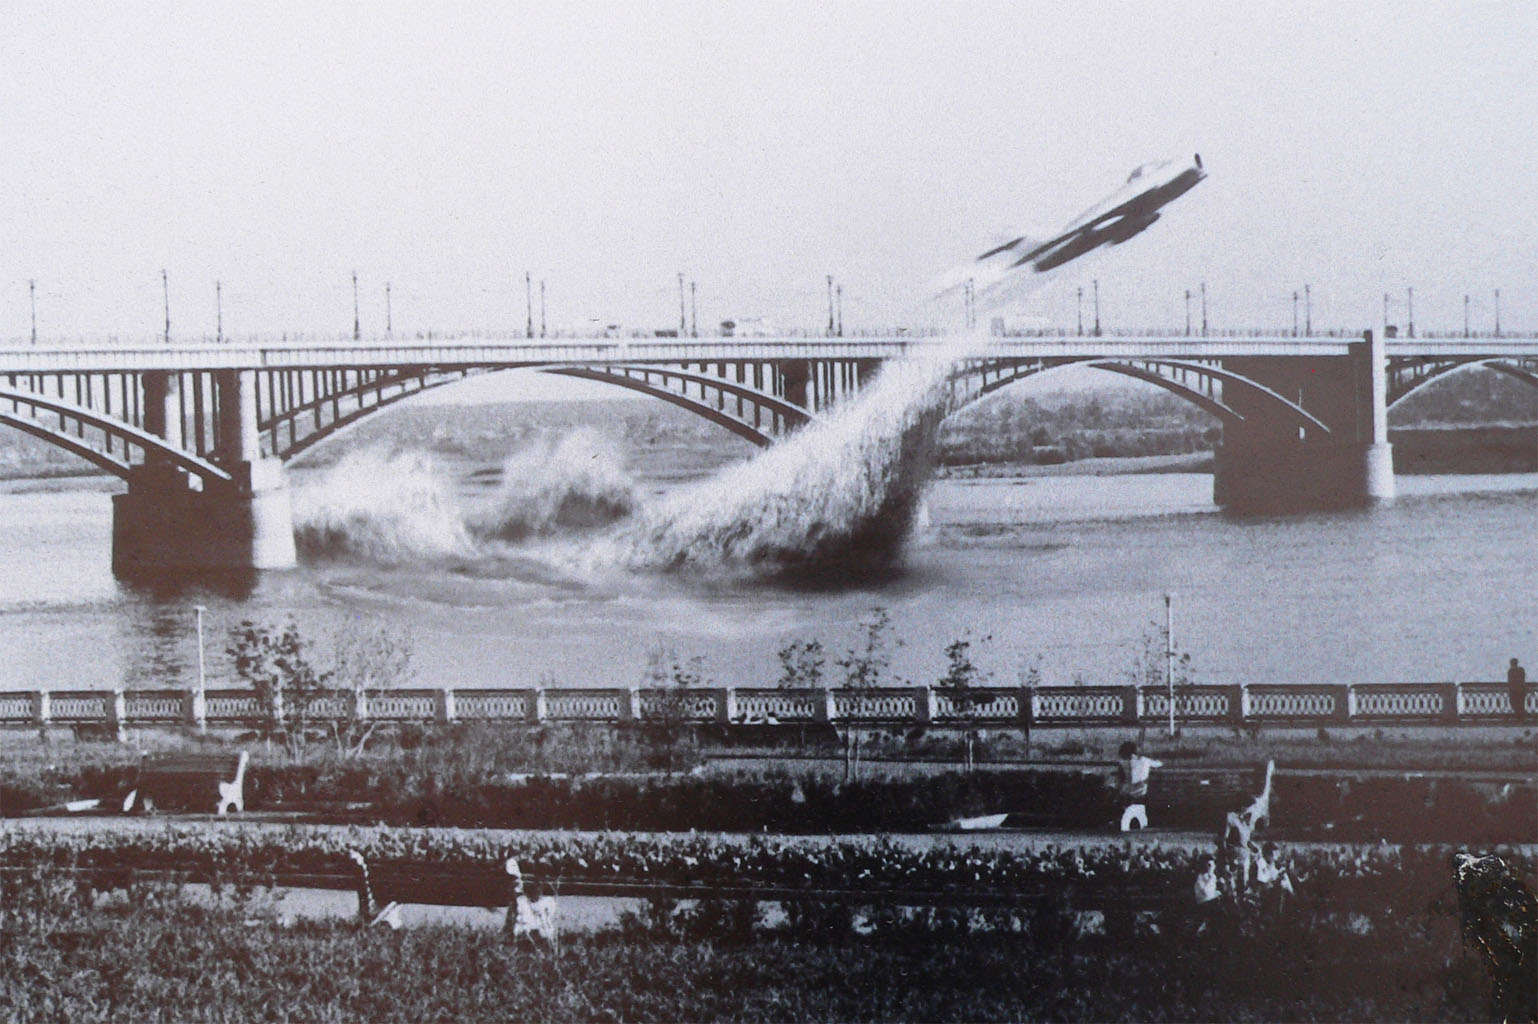 Laut Gerüchten soll am 4. Juni 1965 ein russischer Pilot namens Valentin Privalov mit seiner MIG 17 unter einer Brücke der Stadt Nowosibirsk geflogen sein. (Foto: St